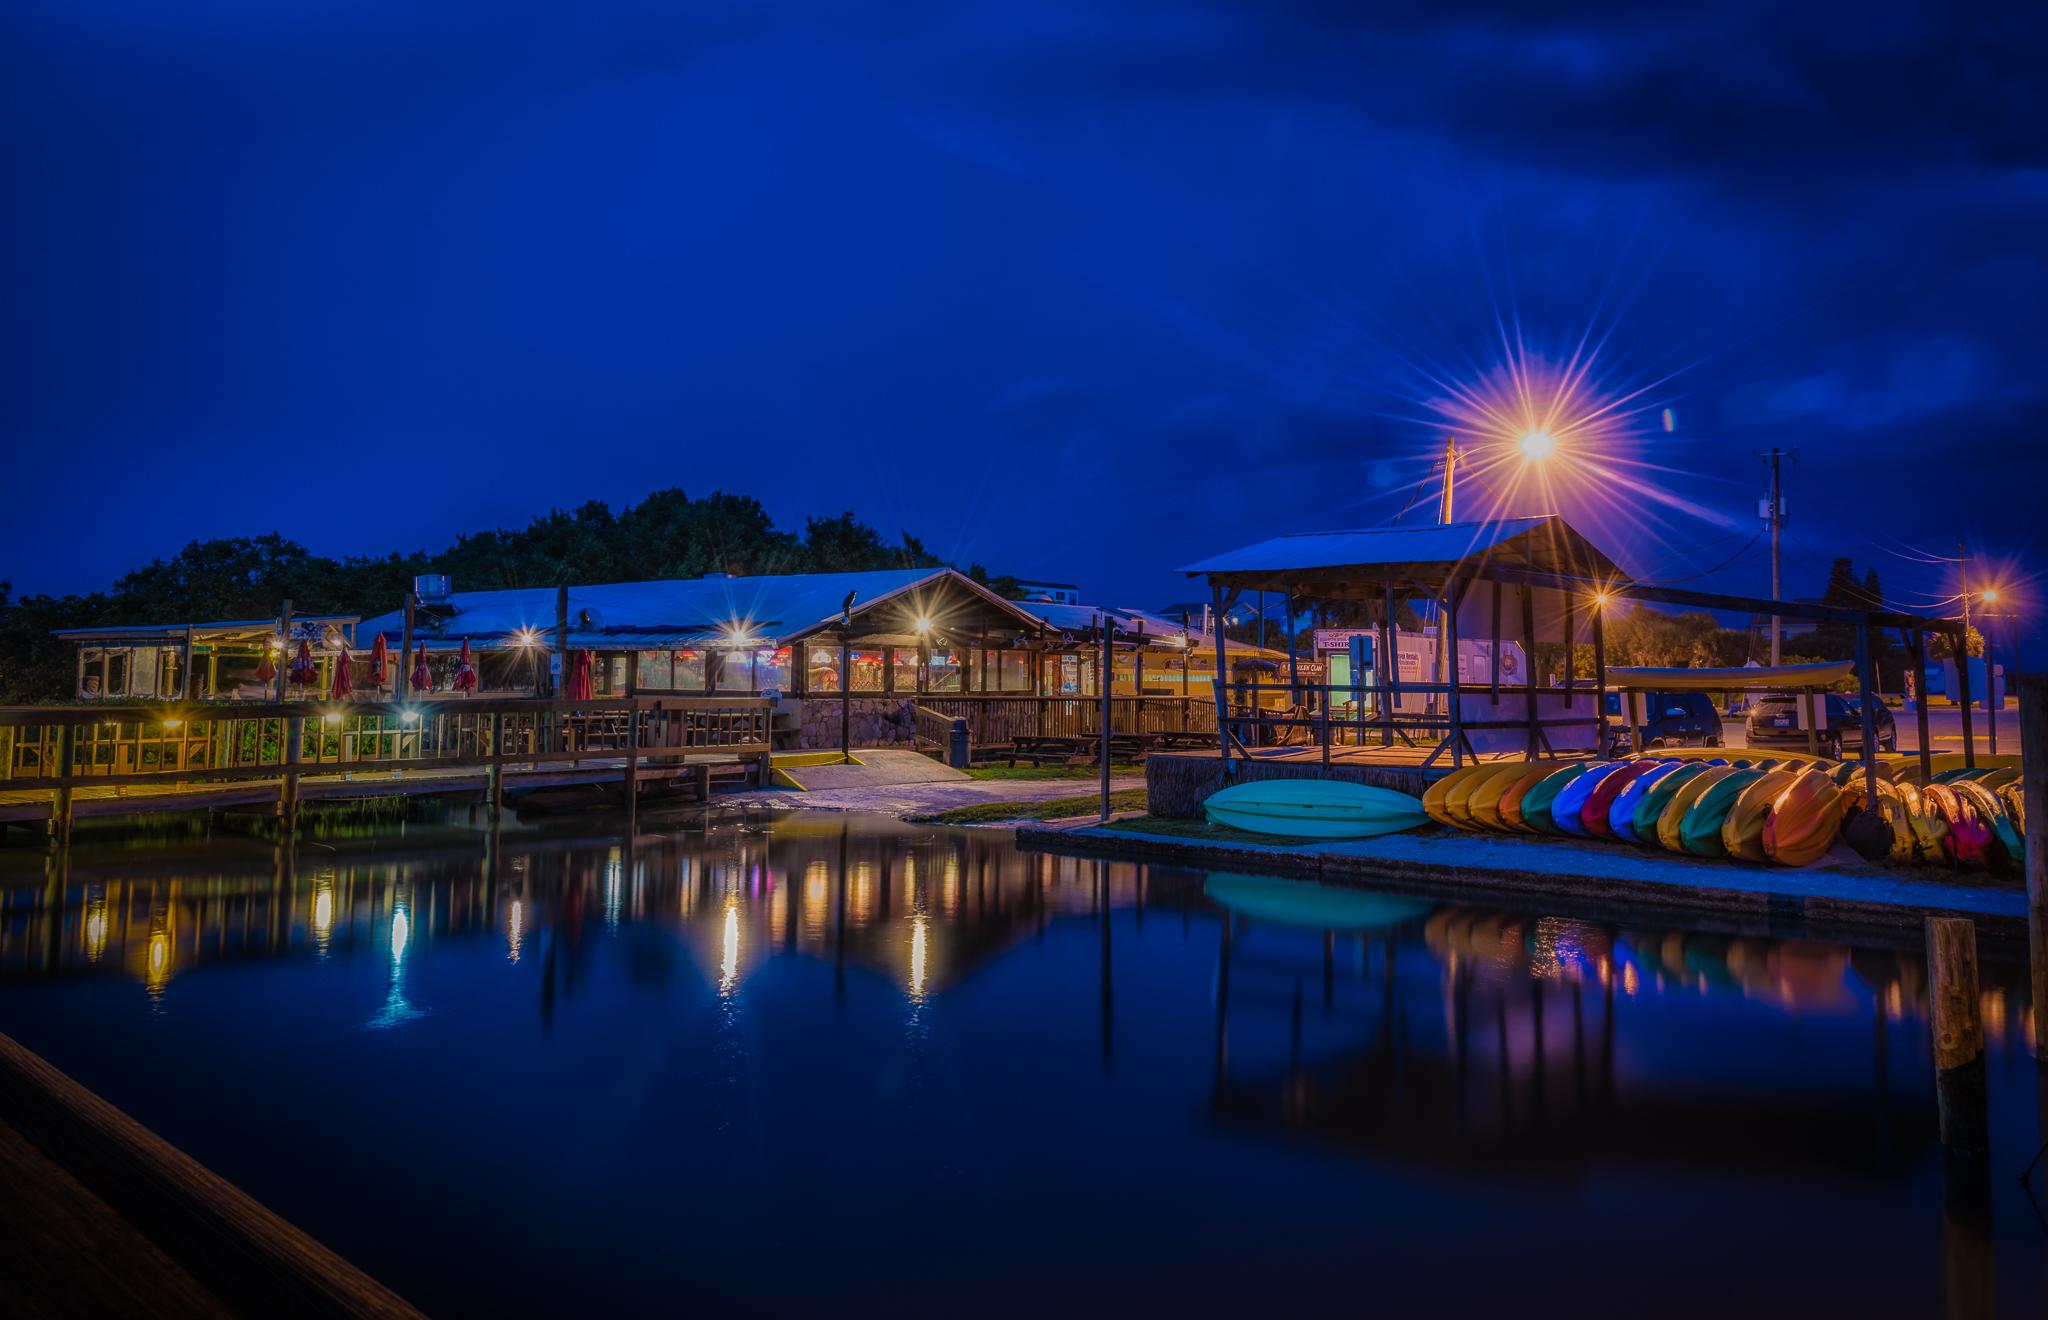 JBs Fish Camp Resturant